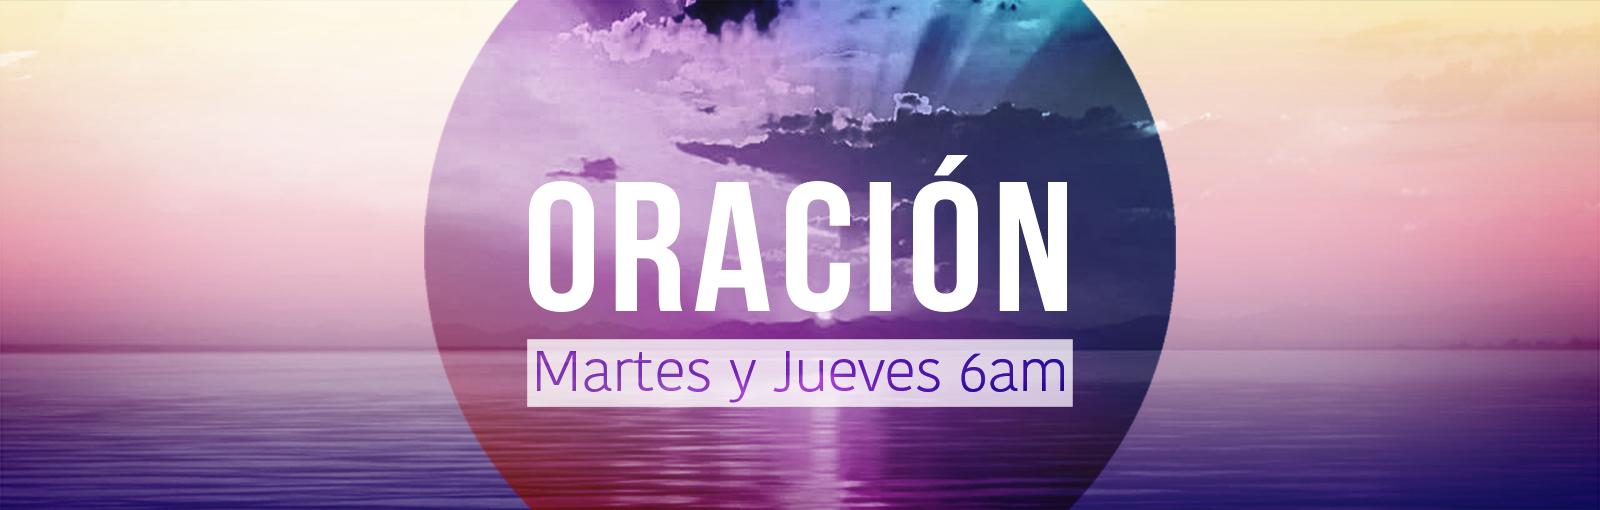 Oracion-Banner